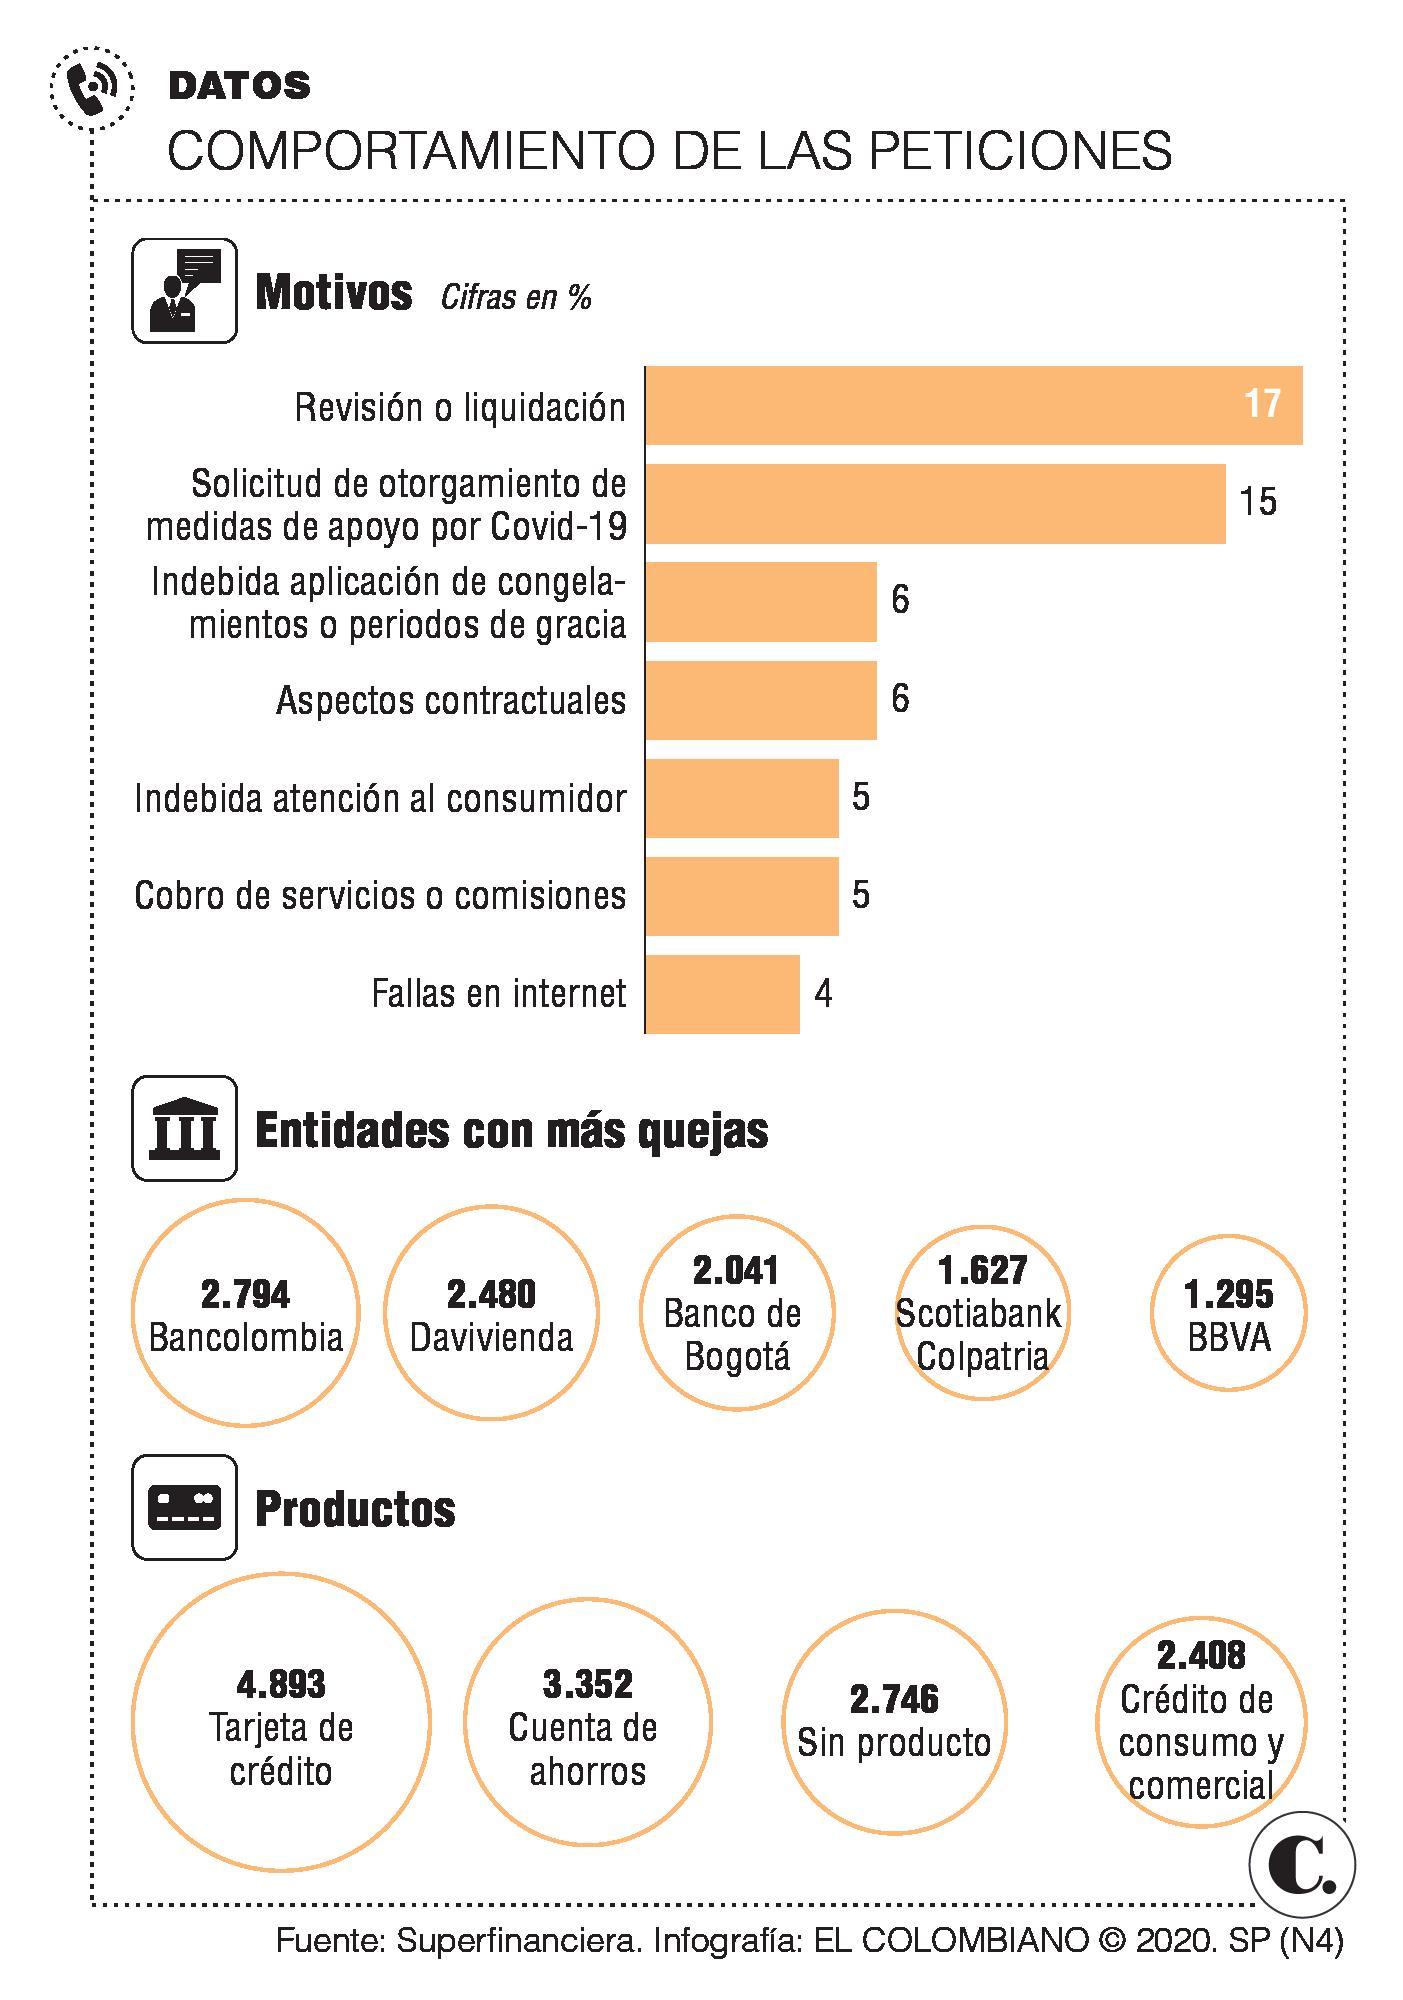 Usuarios registraron 19.847 quejas en contra del sistema financiero